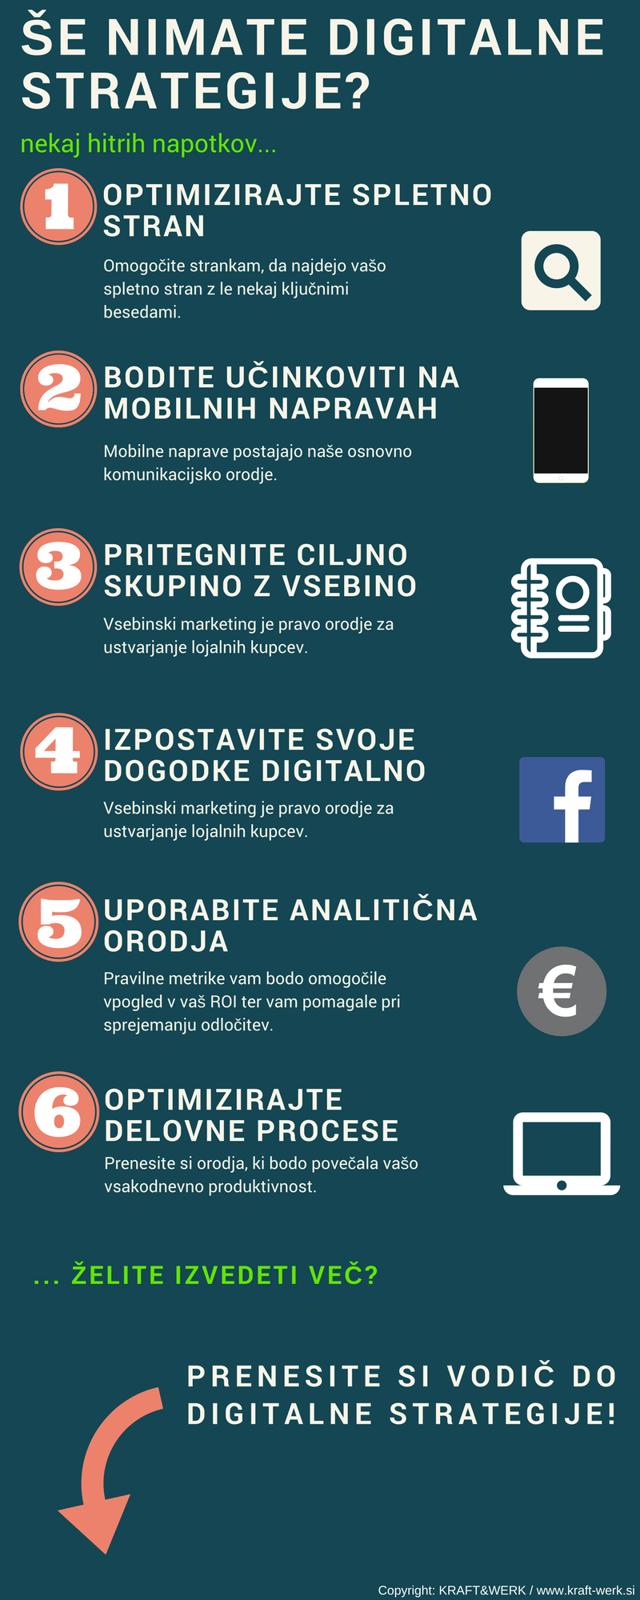 BLOG-8 dejstev o digitalnih veščinah in ekonomiji v Sloveniji - INFOGRAFIKA 3.png